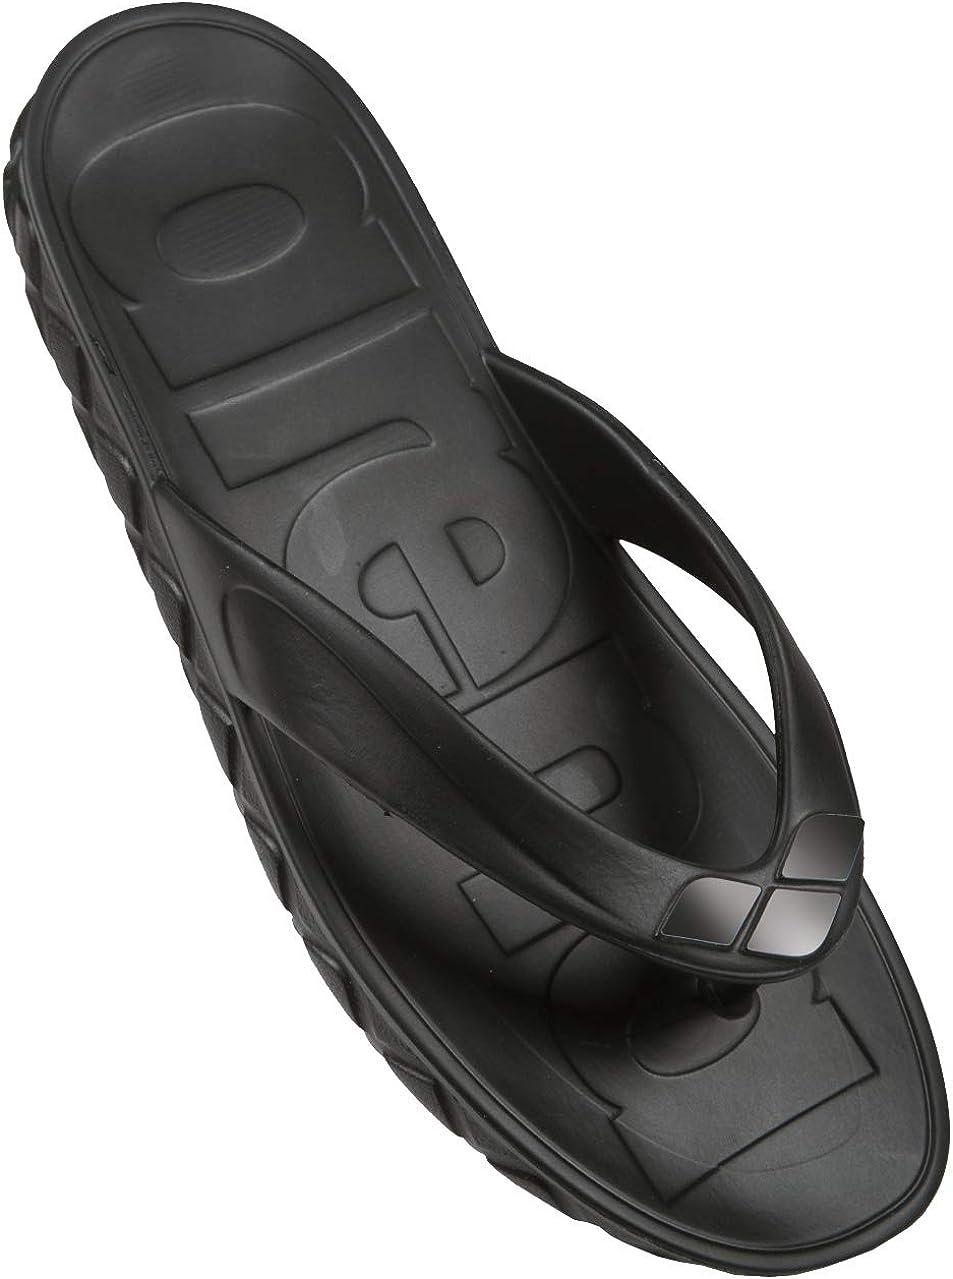 Sandales de Sport Homme Black//White 501 44 EU Noir Arena Watergrip Thong M